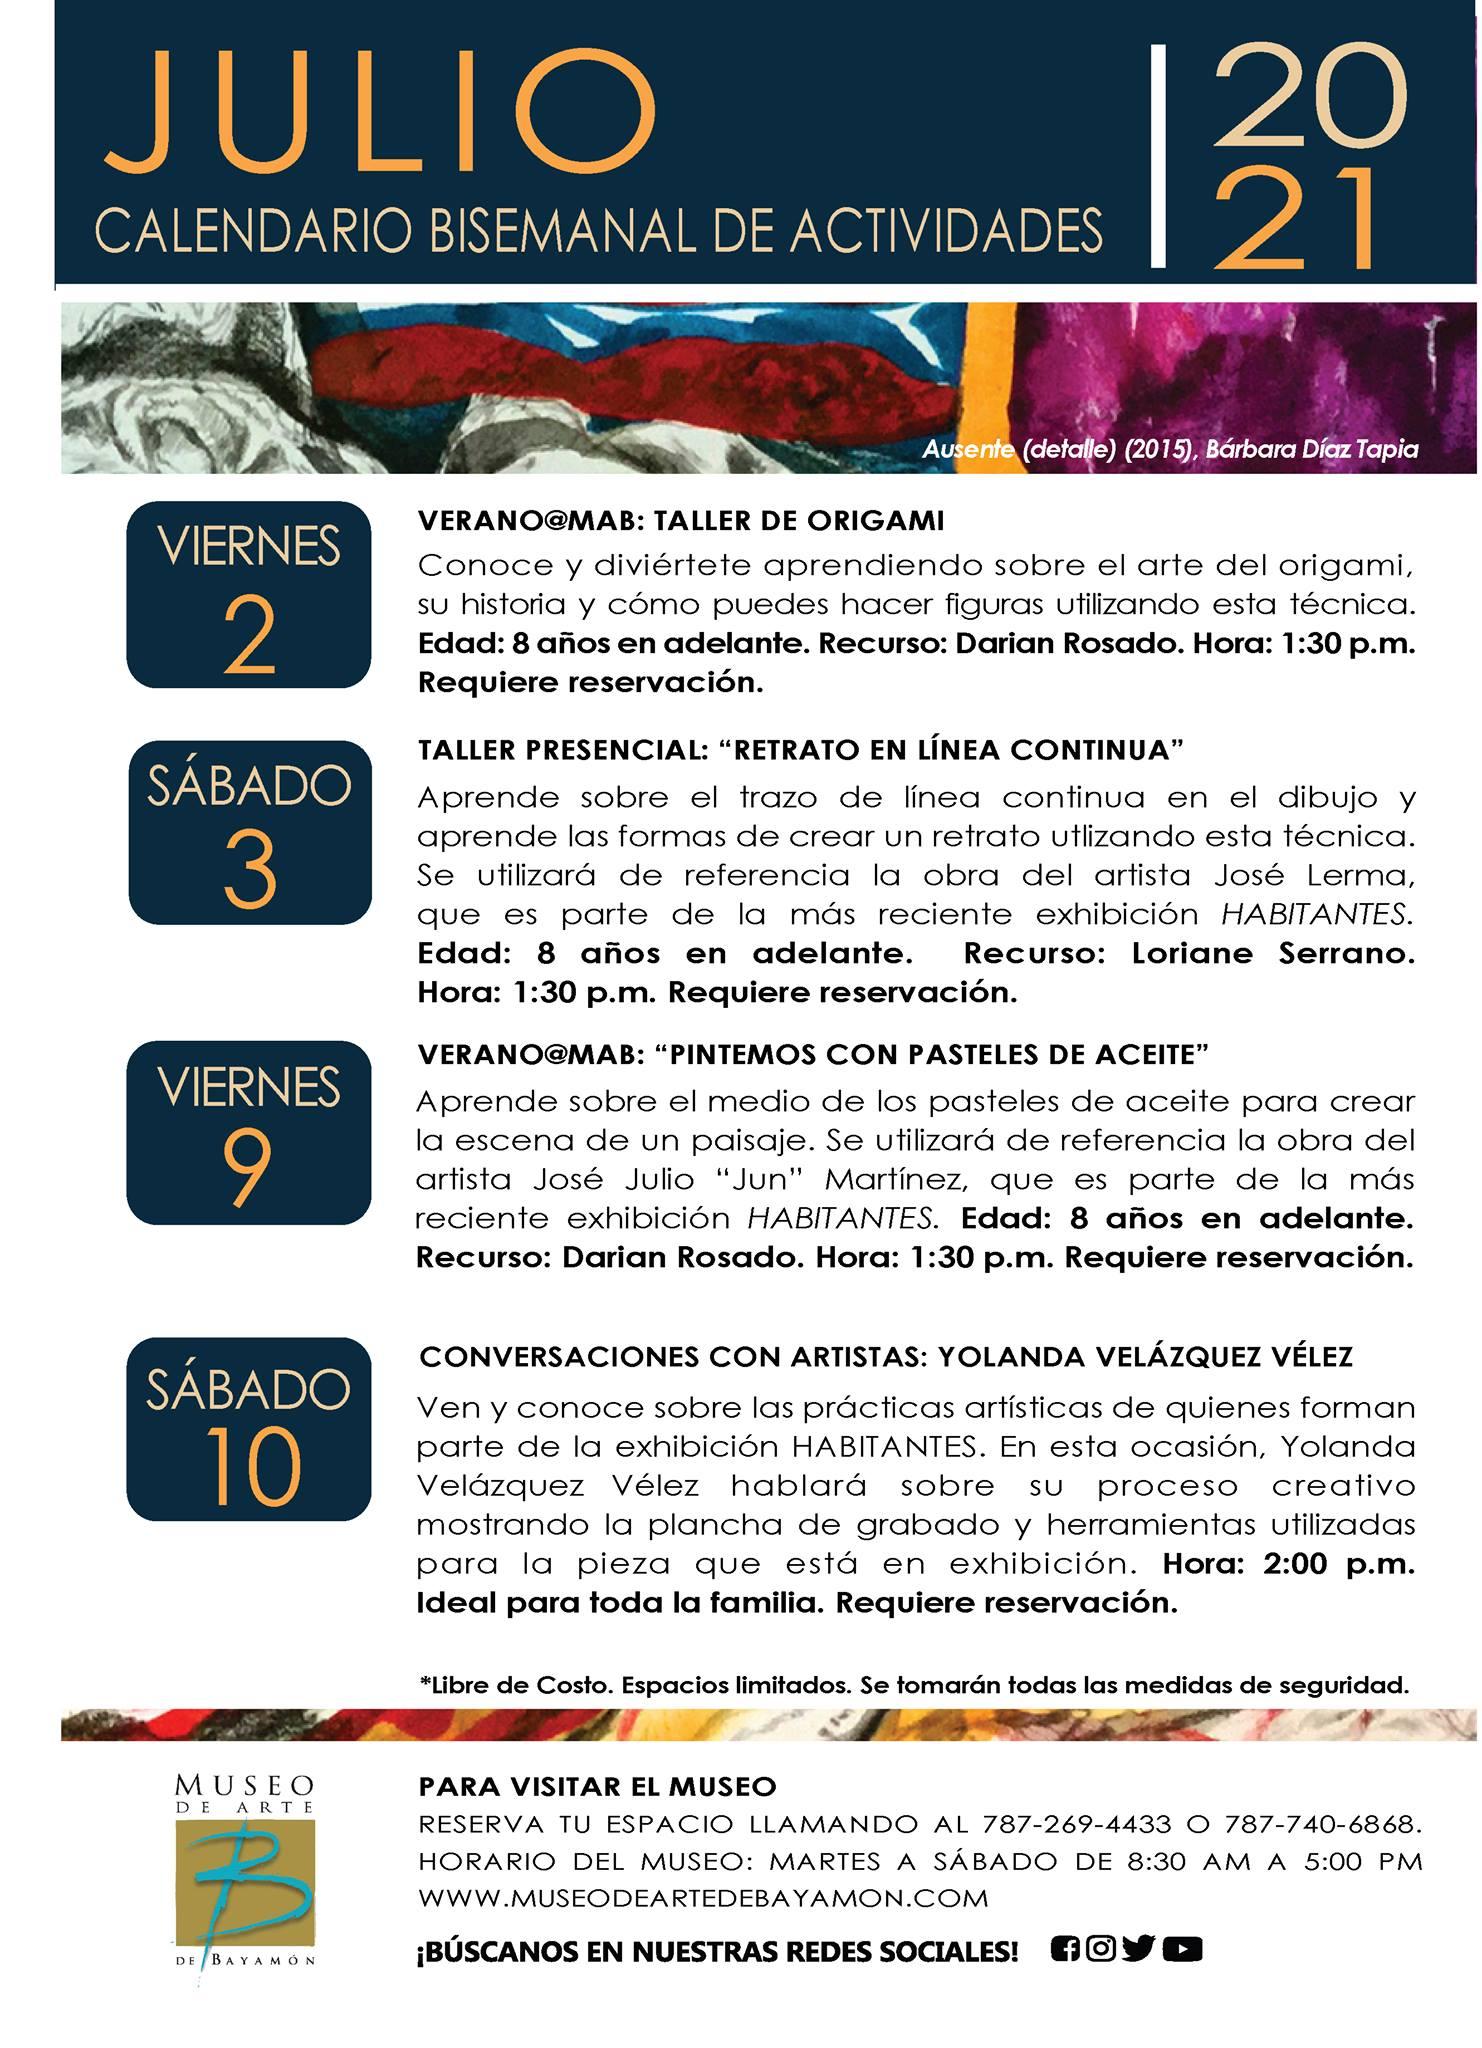 Calendario de Actividades para Primera Bisemana de Julio